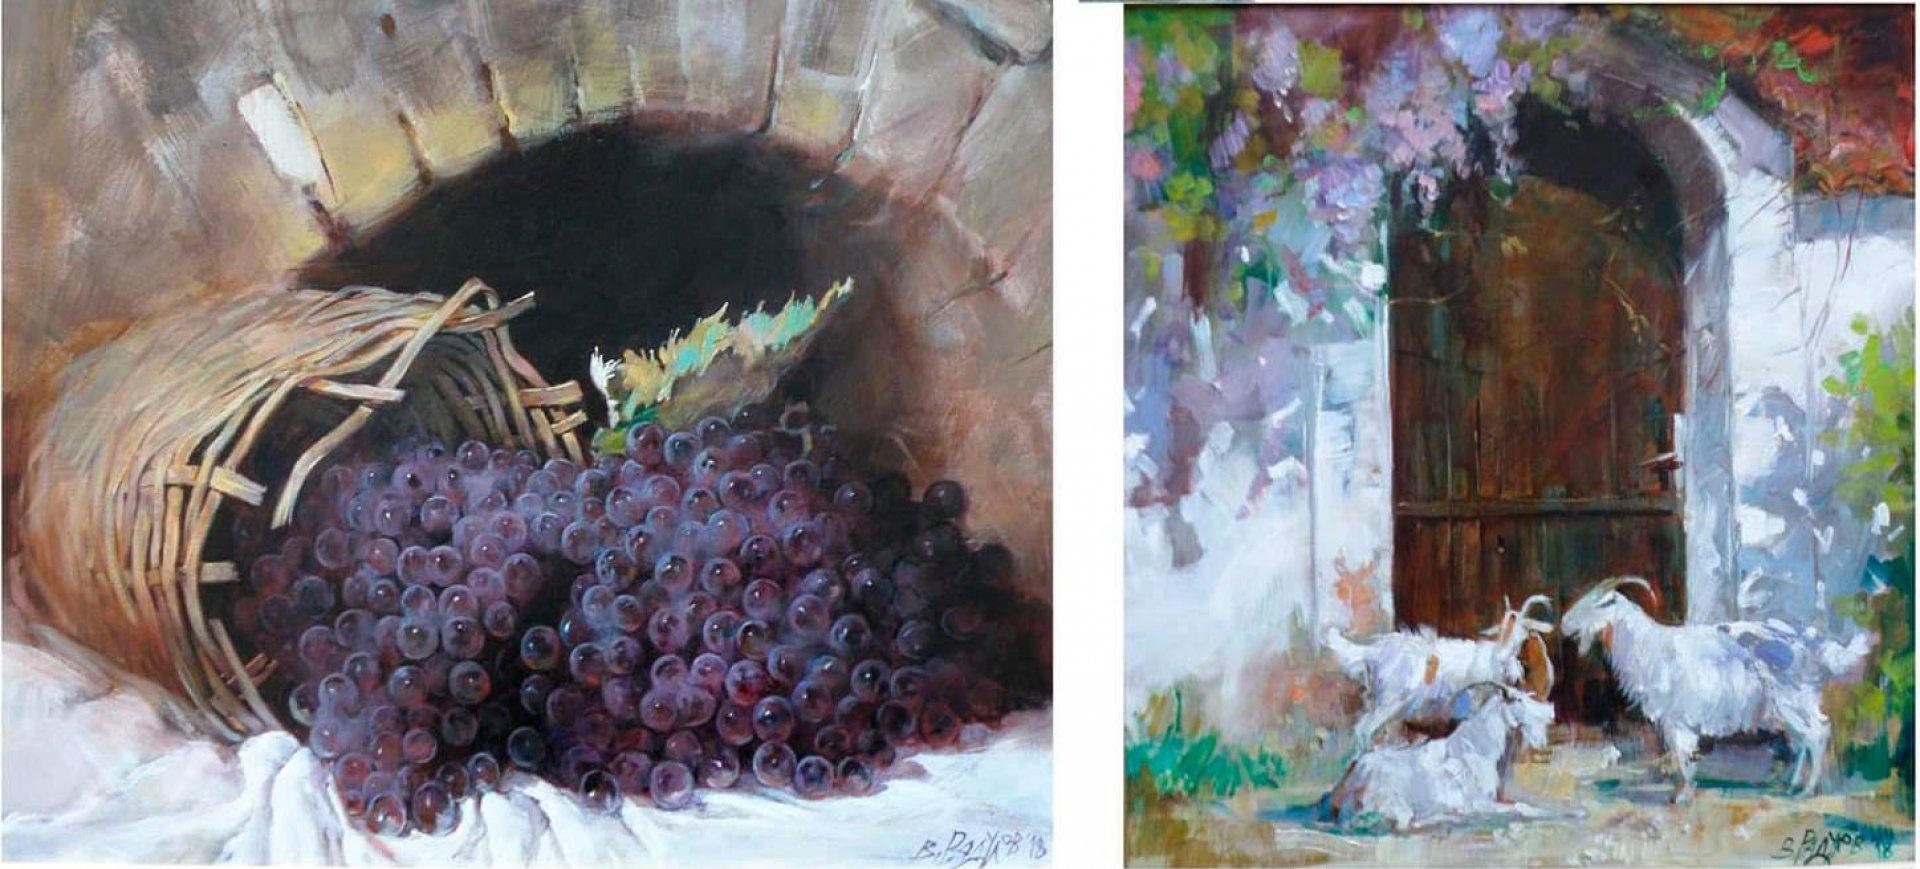 Художникът представя натюрморти и живописни платни